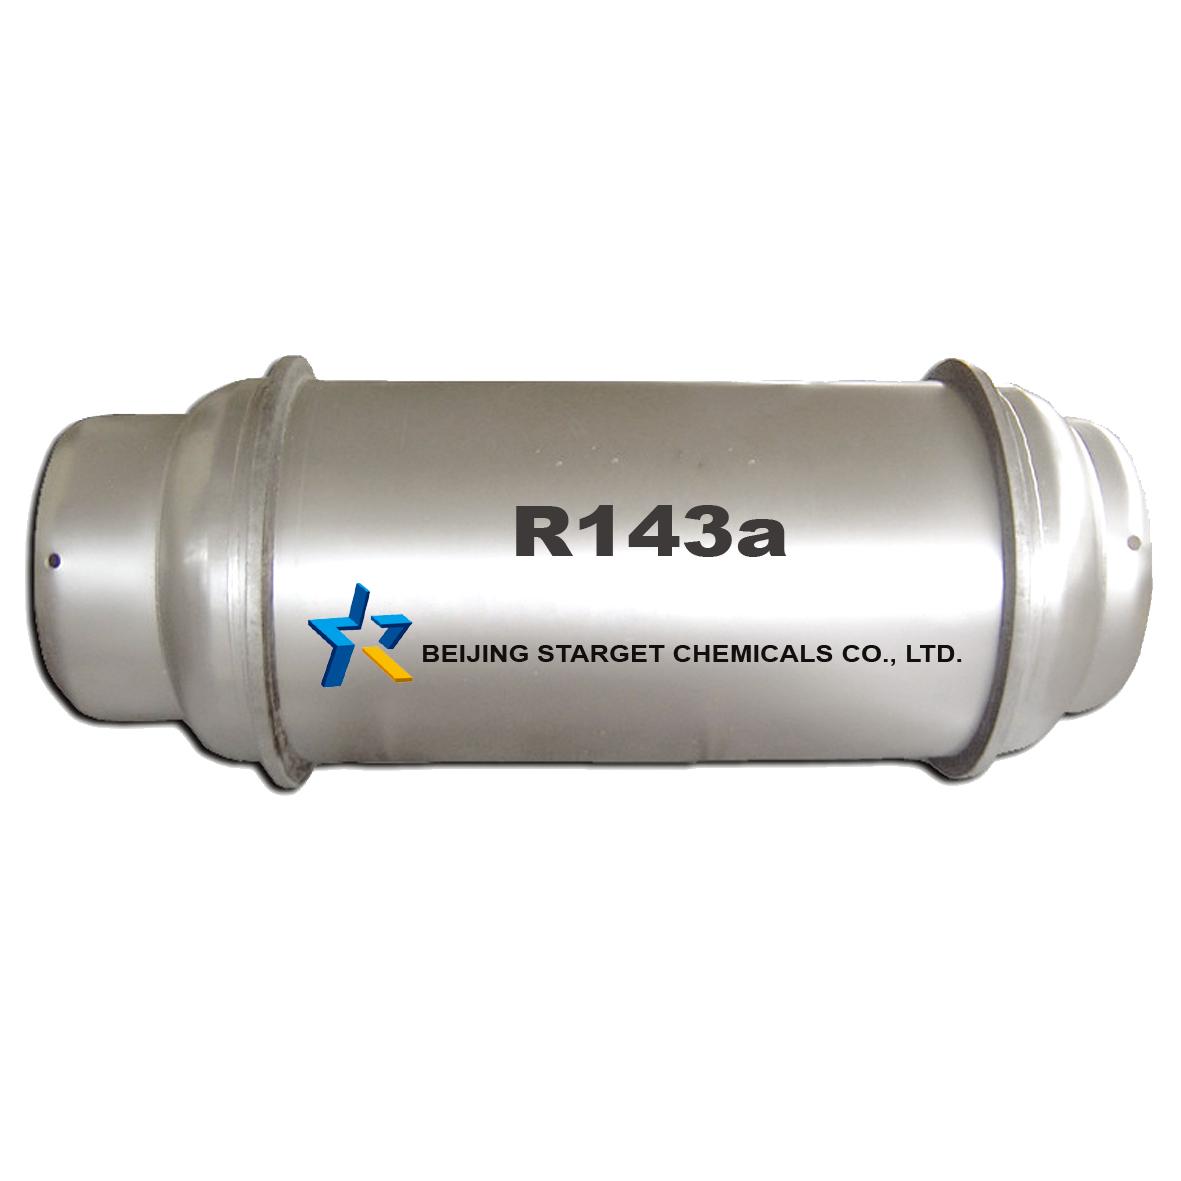 R143a